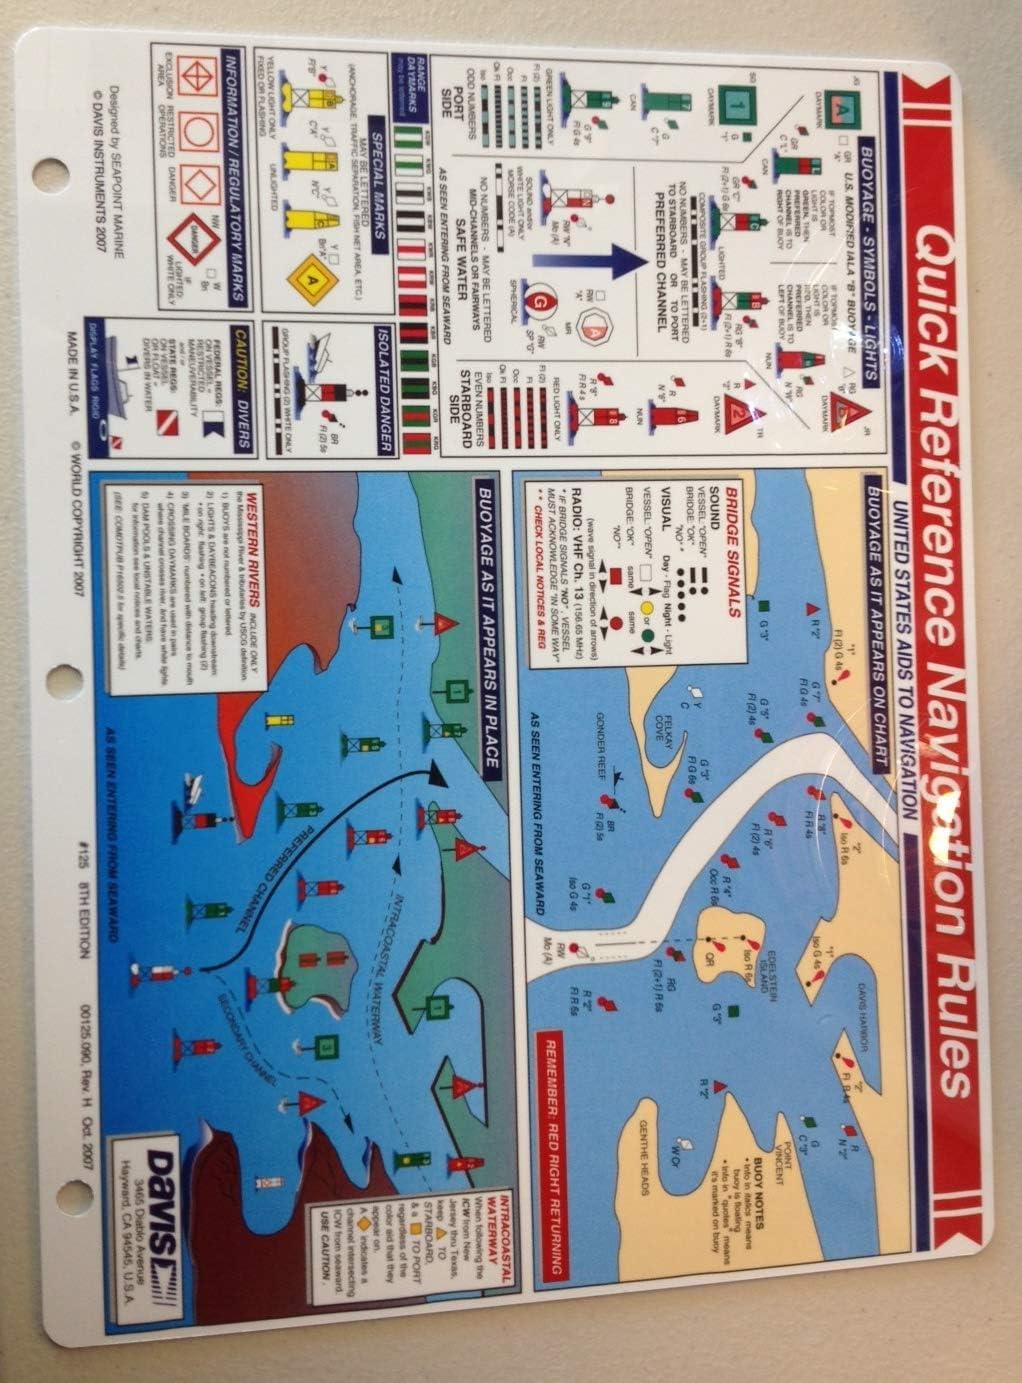 Boating Quick Reference Bundle Navigation 125, Intl Nav. 127, Boating Procedures 128, Celestial Nav 132 (4 Items)